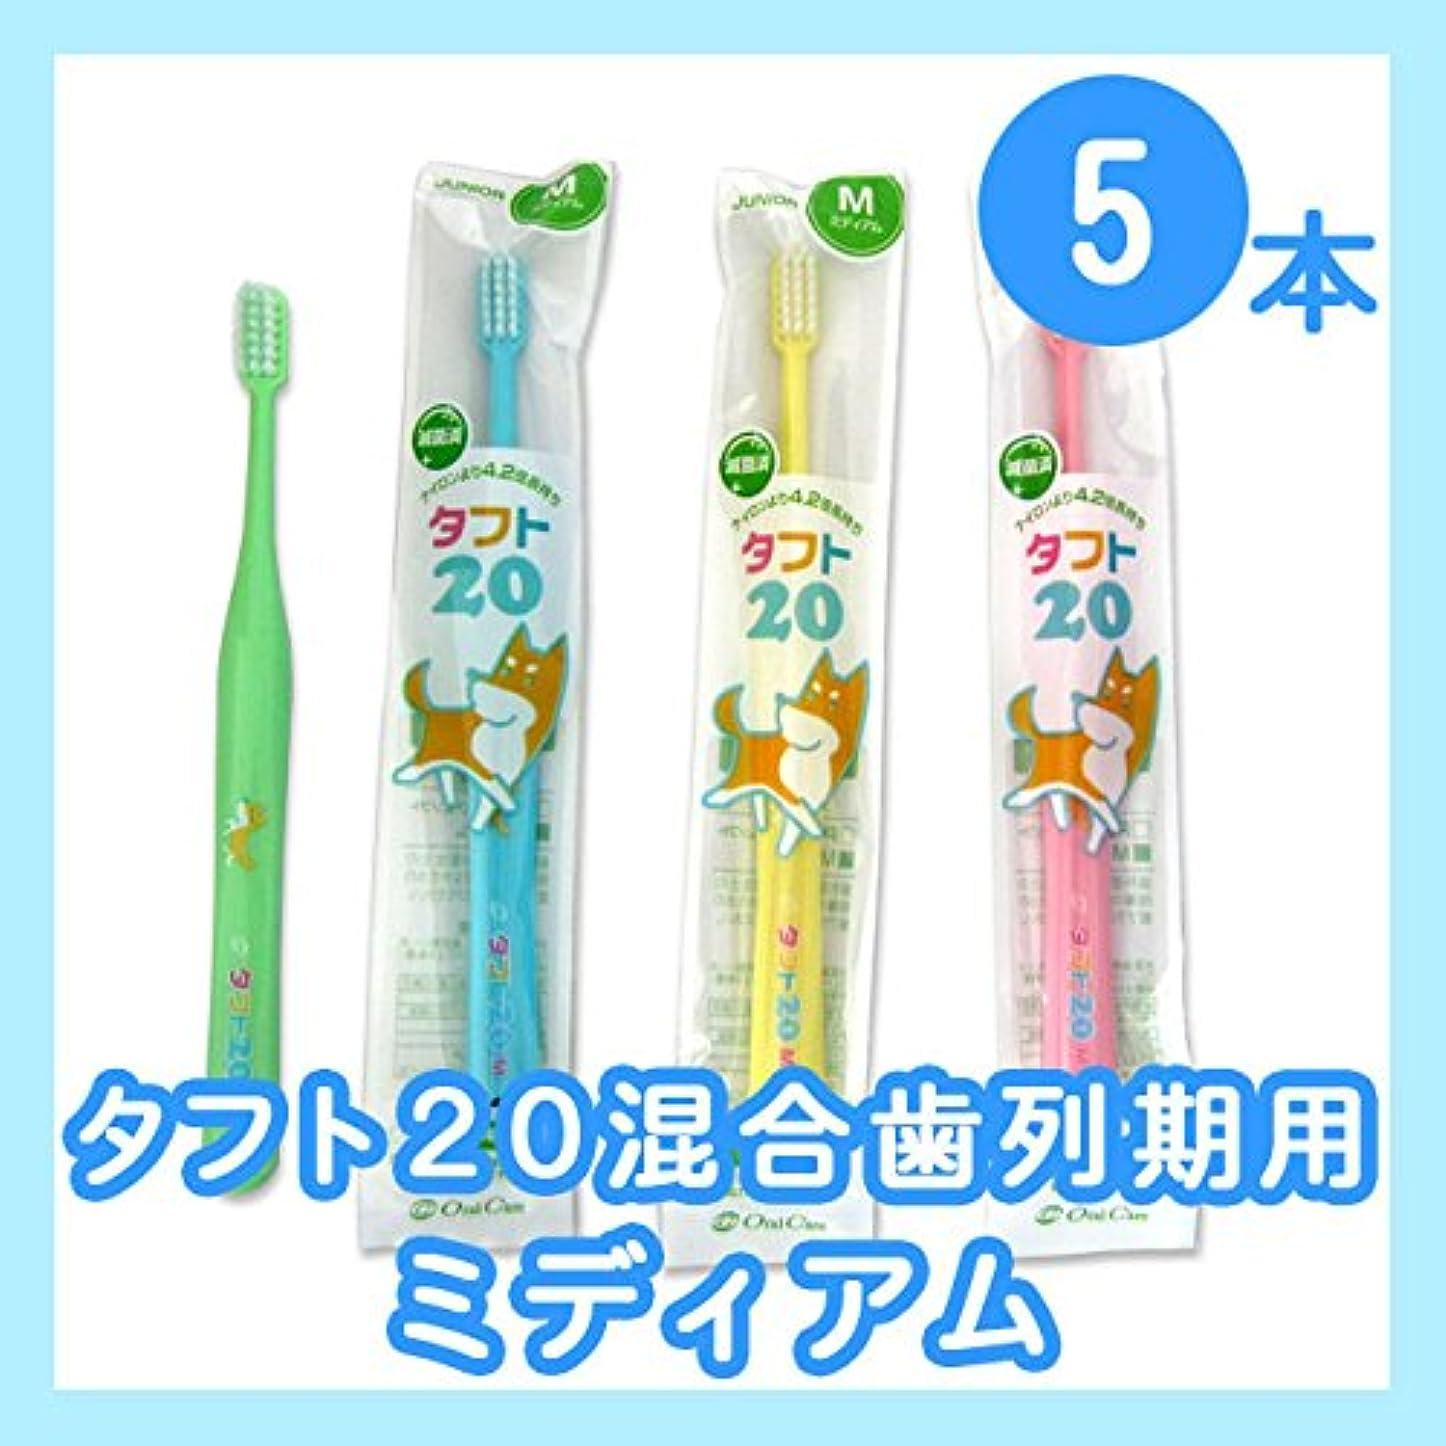 閉じ込めるウィンク暖かさタフト20 5本 オーラルケア タフト20/ミディアム 混合歯列期用(6~12歳)こども歯ブラシ 5本セット 子供 歯ブラシ【 イエロー